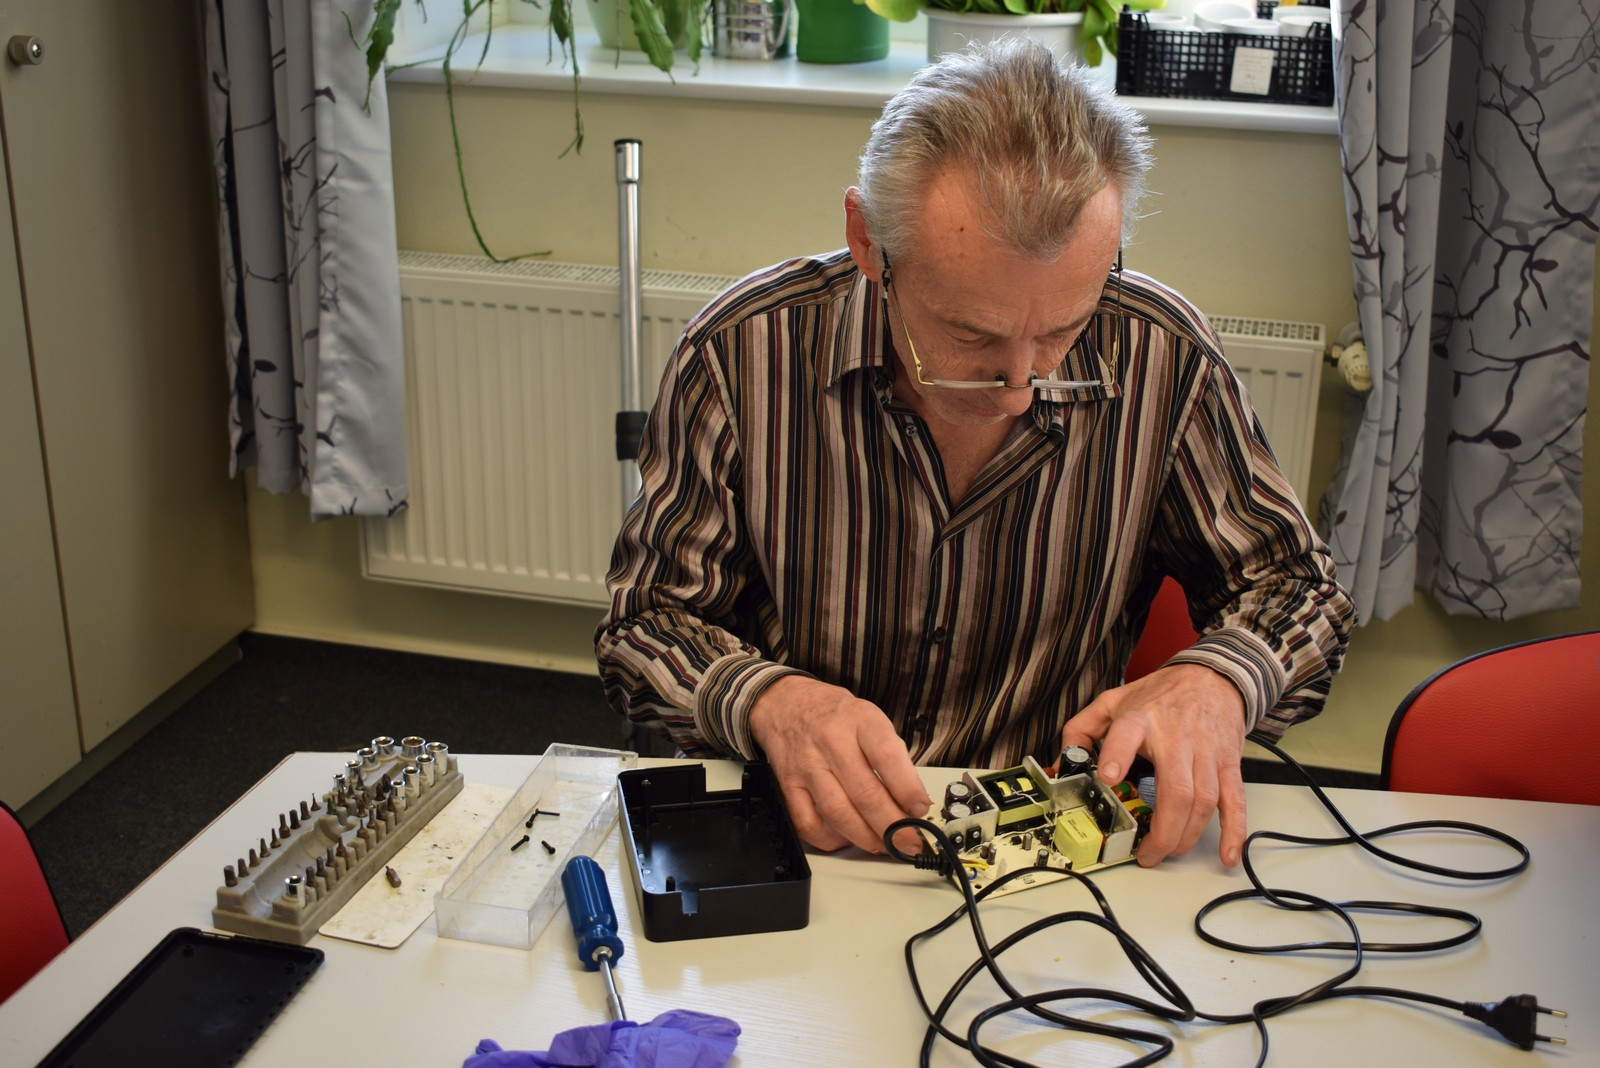 Reparaturexperte Olaf Henkel fühlt einem defekten Ladegerät für ein E-Bike auf den Zahn.